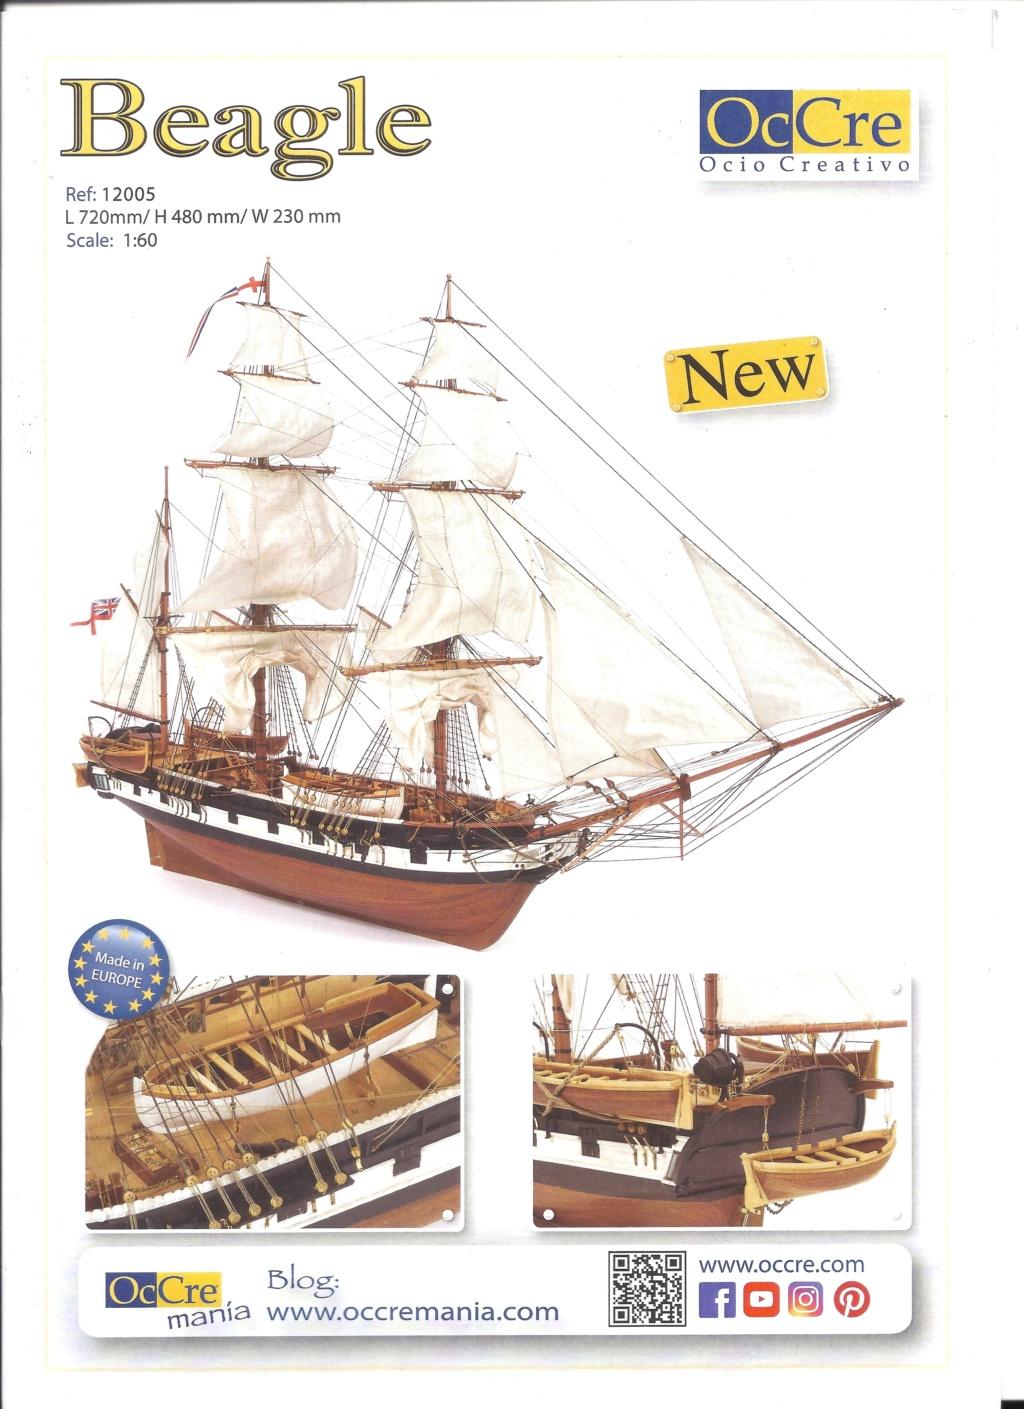 les achats de Jacques - Page 43 Occre_10